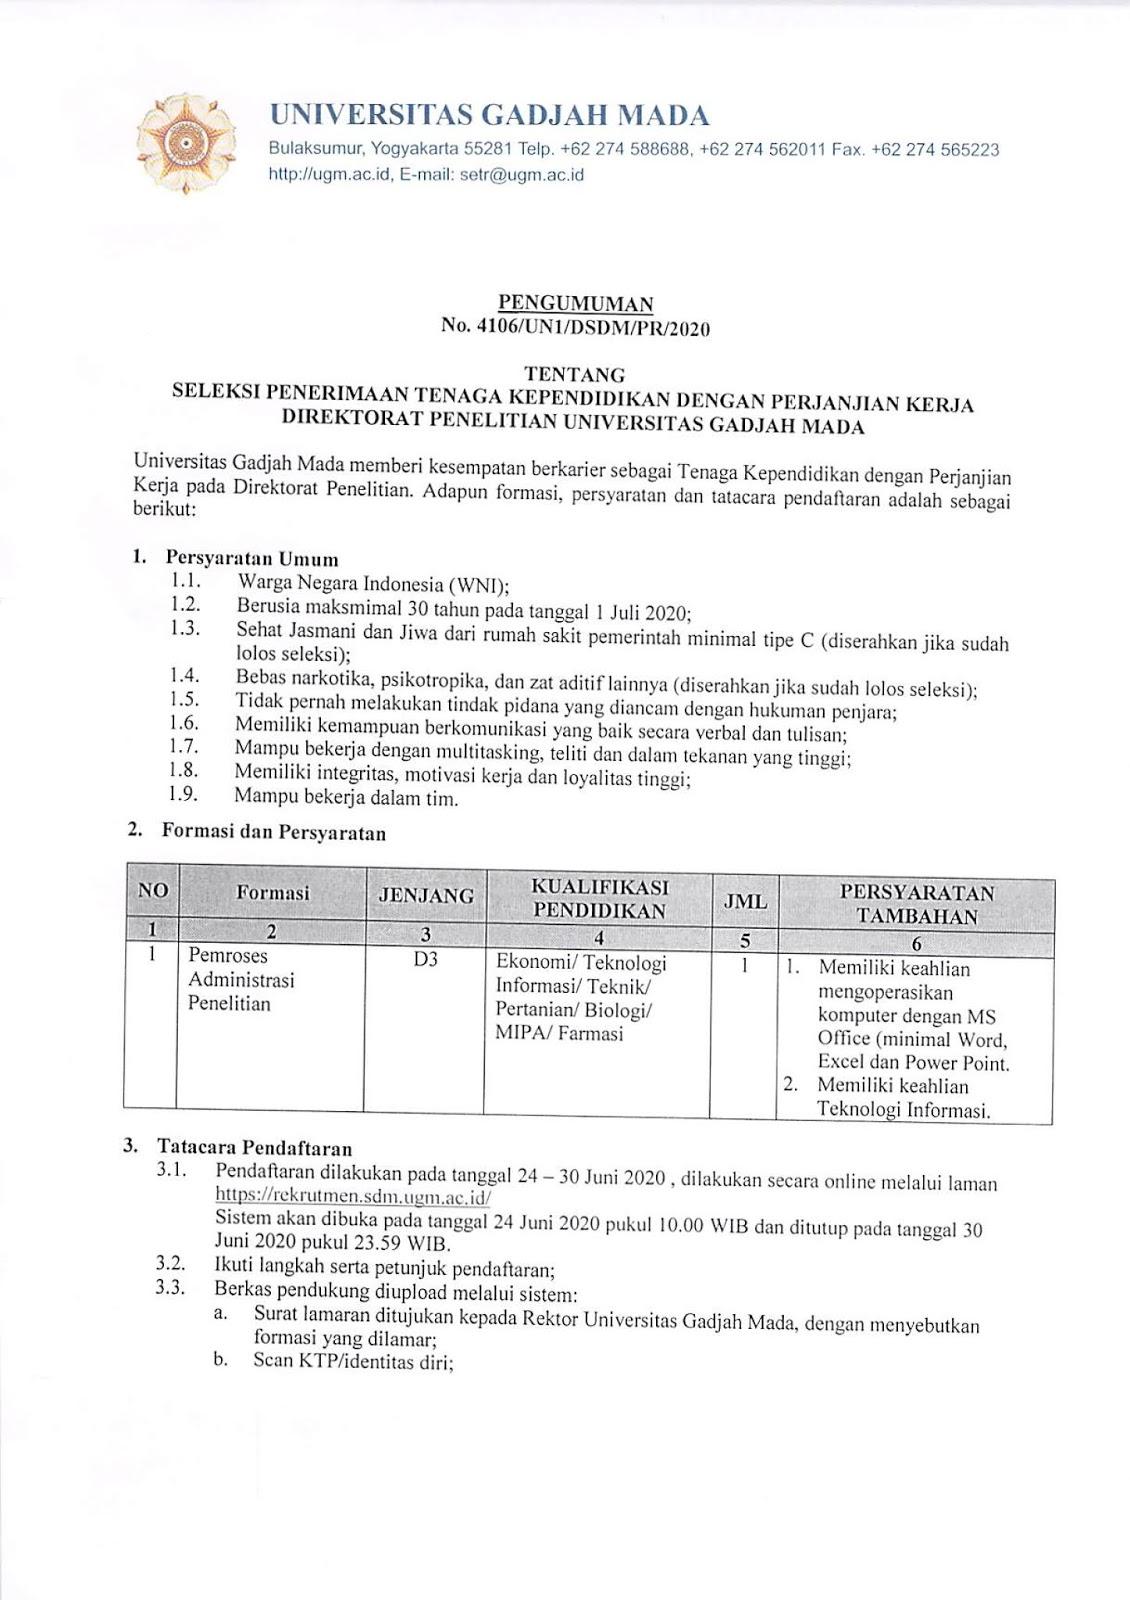 Seleksi Penerimaan Tenaga Kependidikan Dengan Perjanjian Kerja Direktorat Penelitian Universitas Gadjah Mada